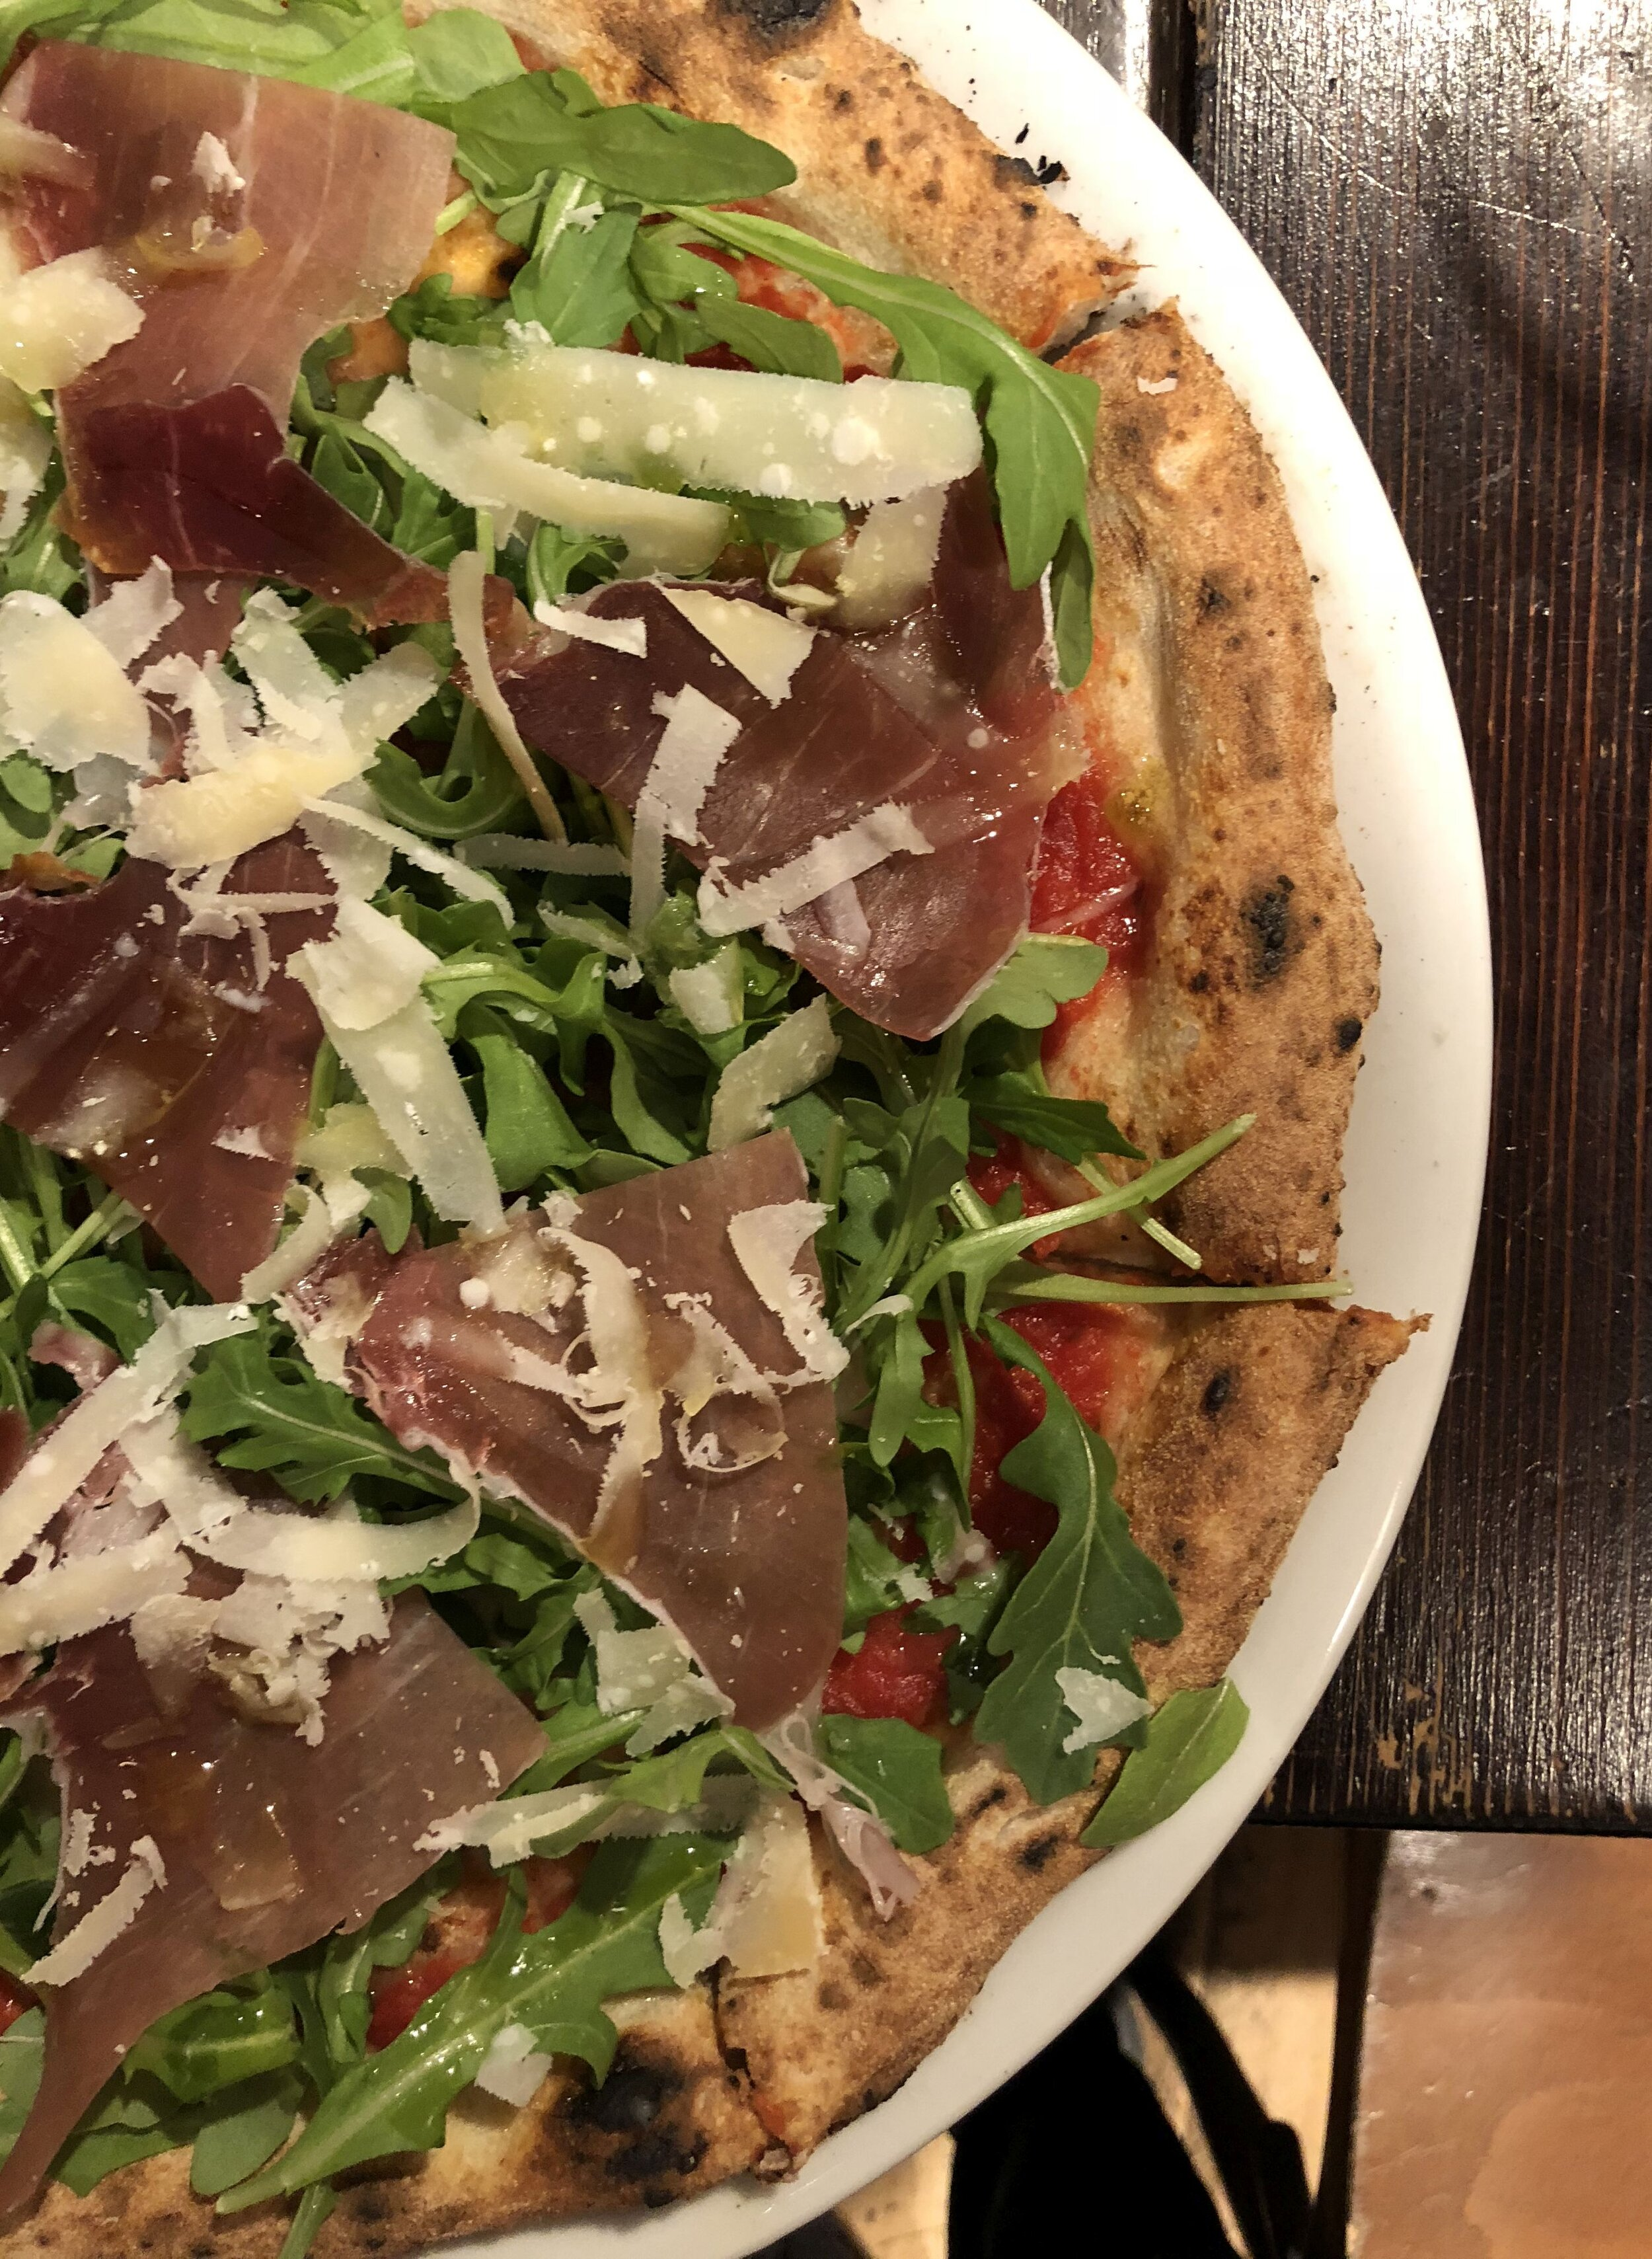 The namesake pizza at    Kesté    - with tomato sauce, buffalo mozz, prosciutto di parma, arugula, gran cru pecorino, basil and EVOO.